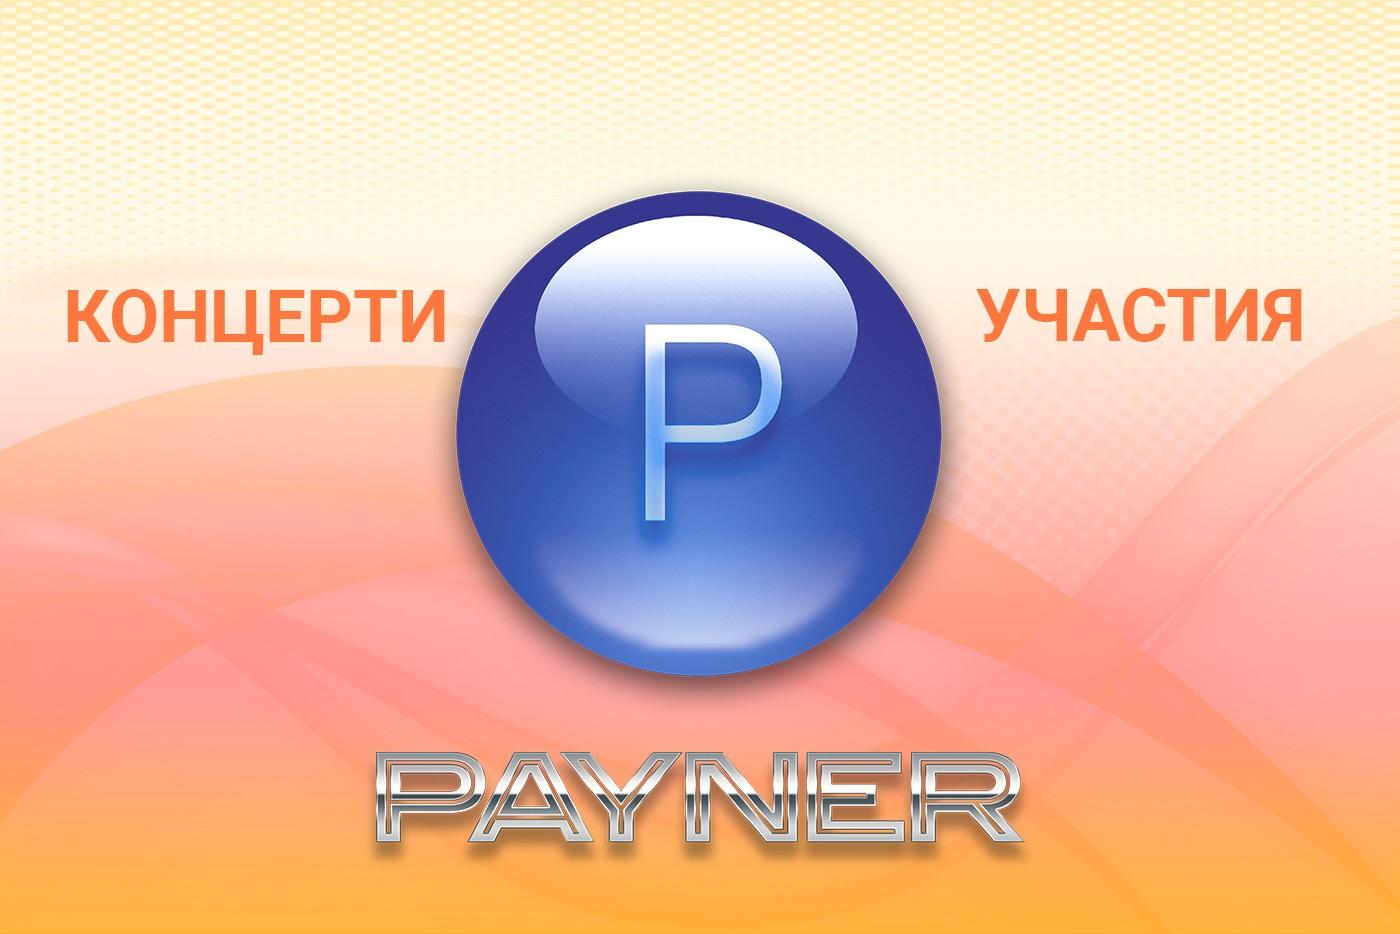 """Участия на звездите на """"Пайнер"""" на 12.04.2019"""